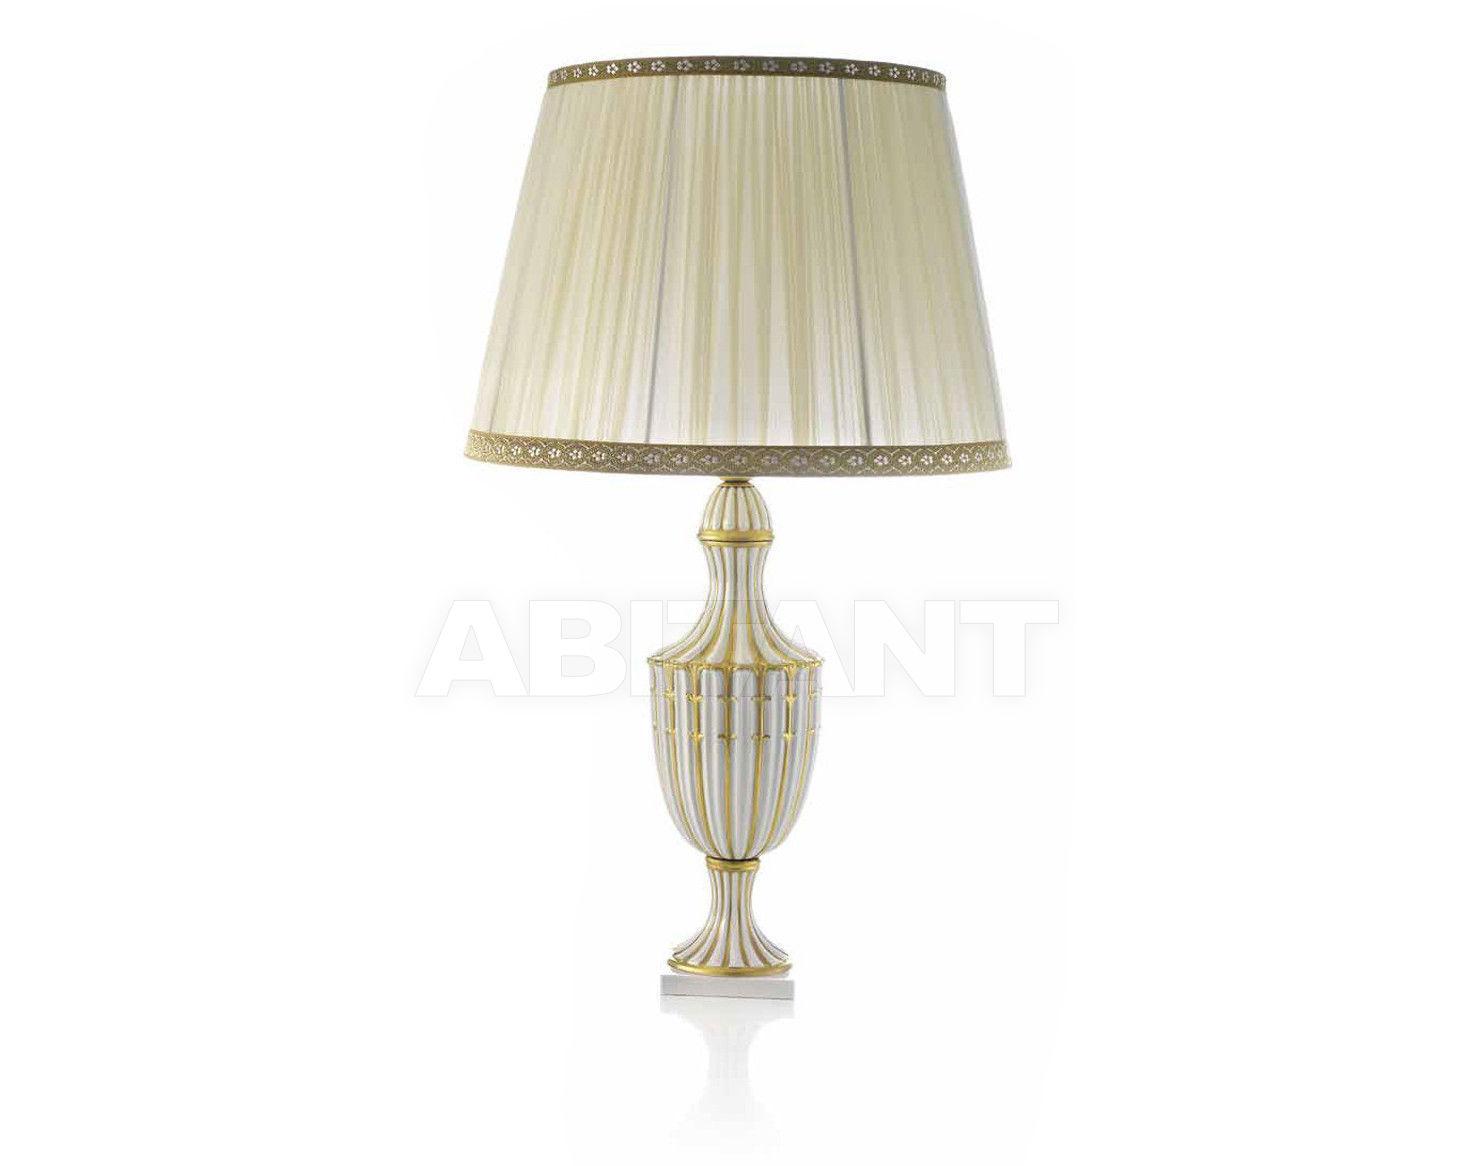 Купить Лампа настольная Villari Grande Impero Iii 0003670-402